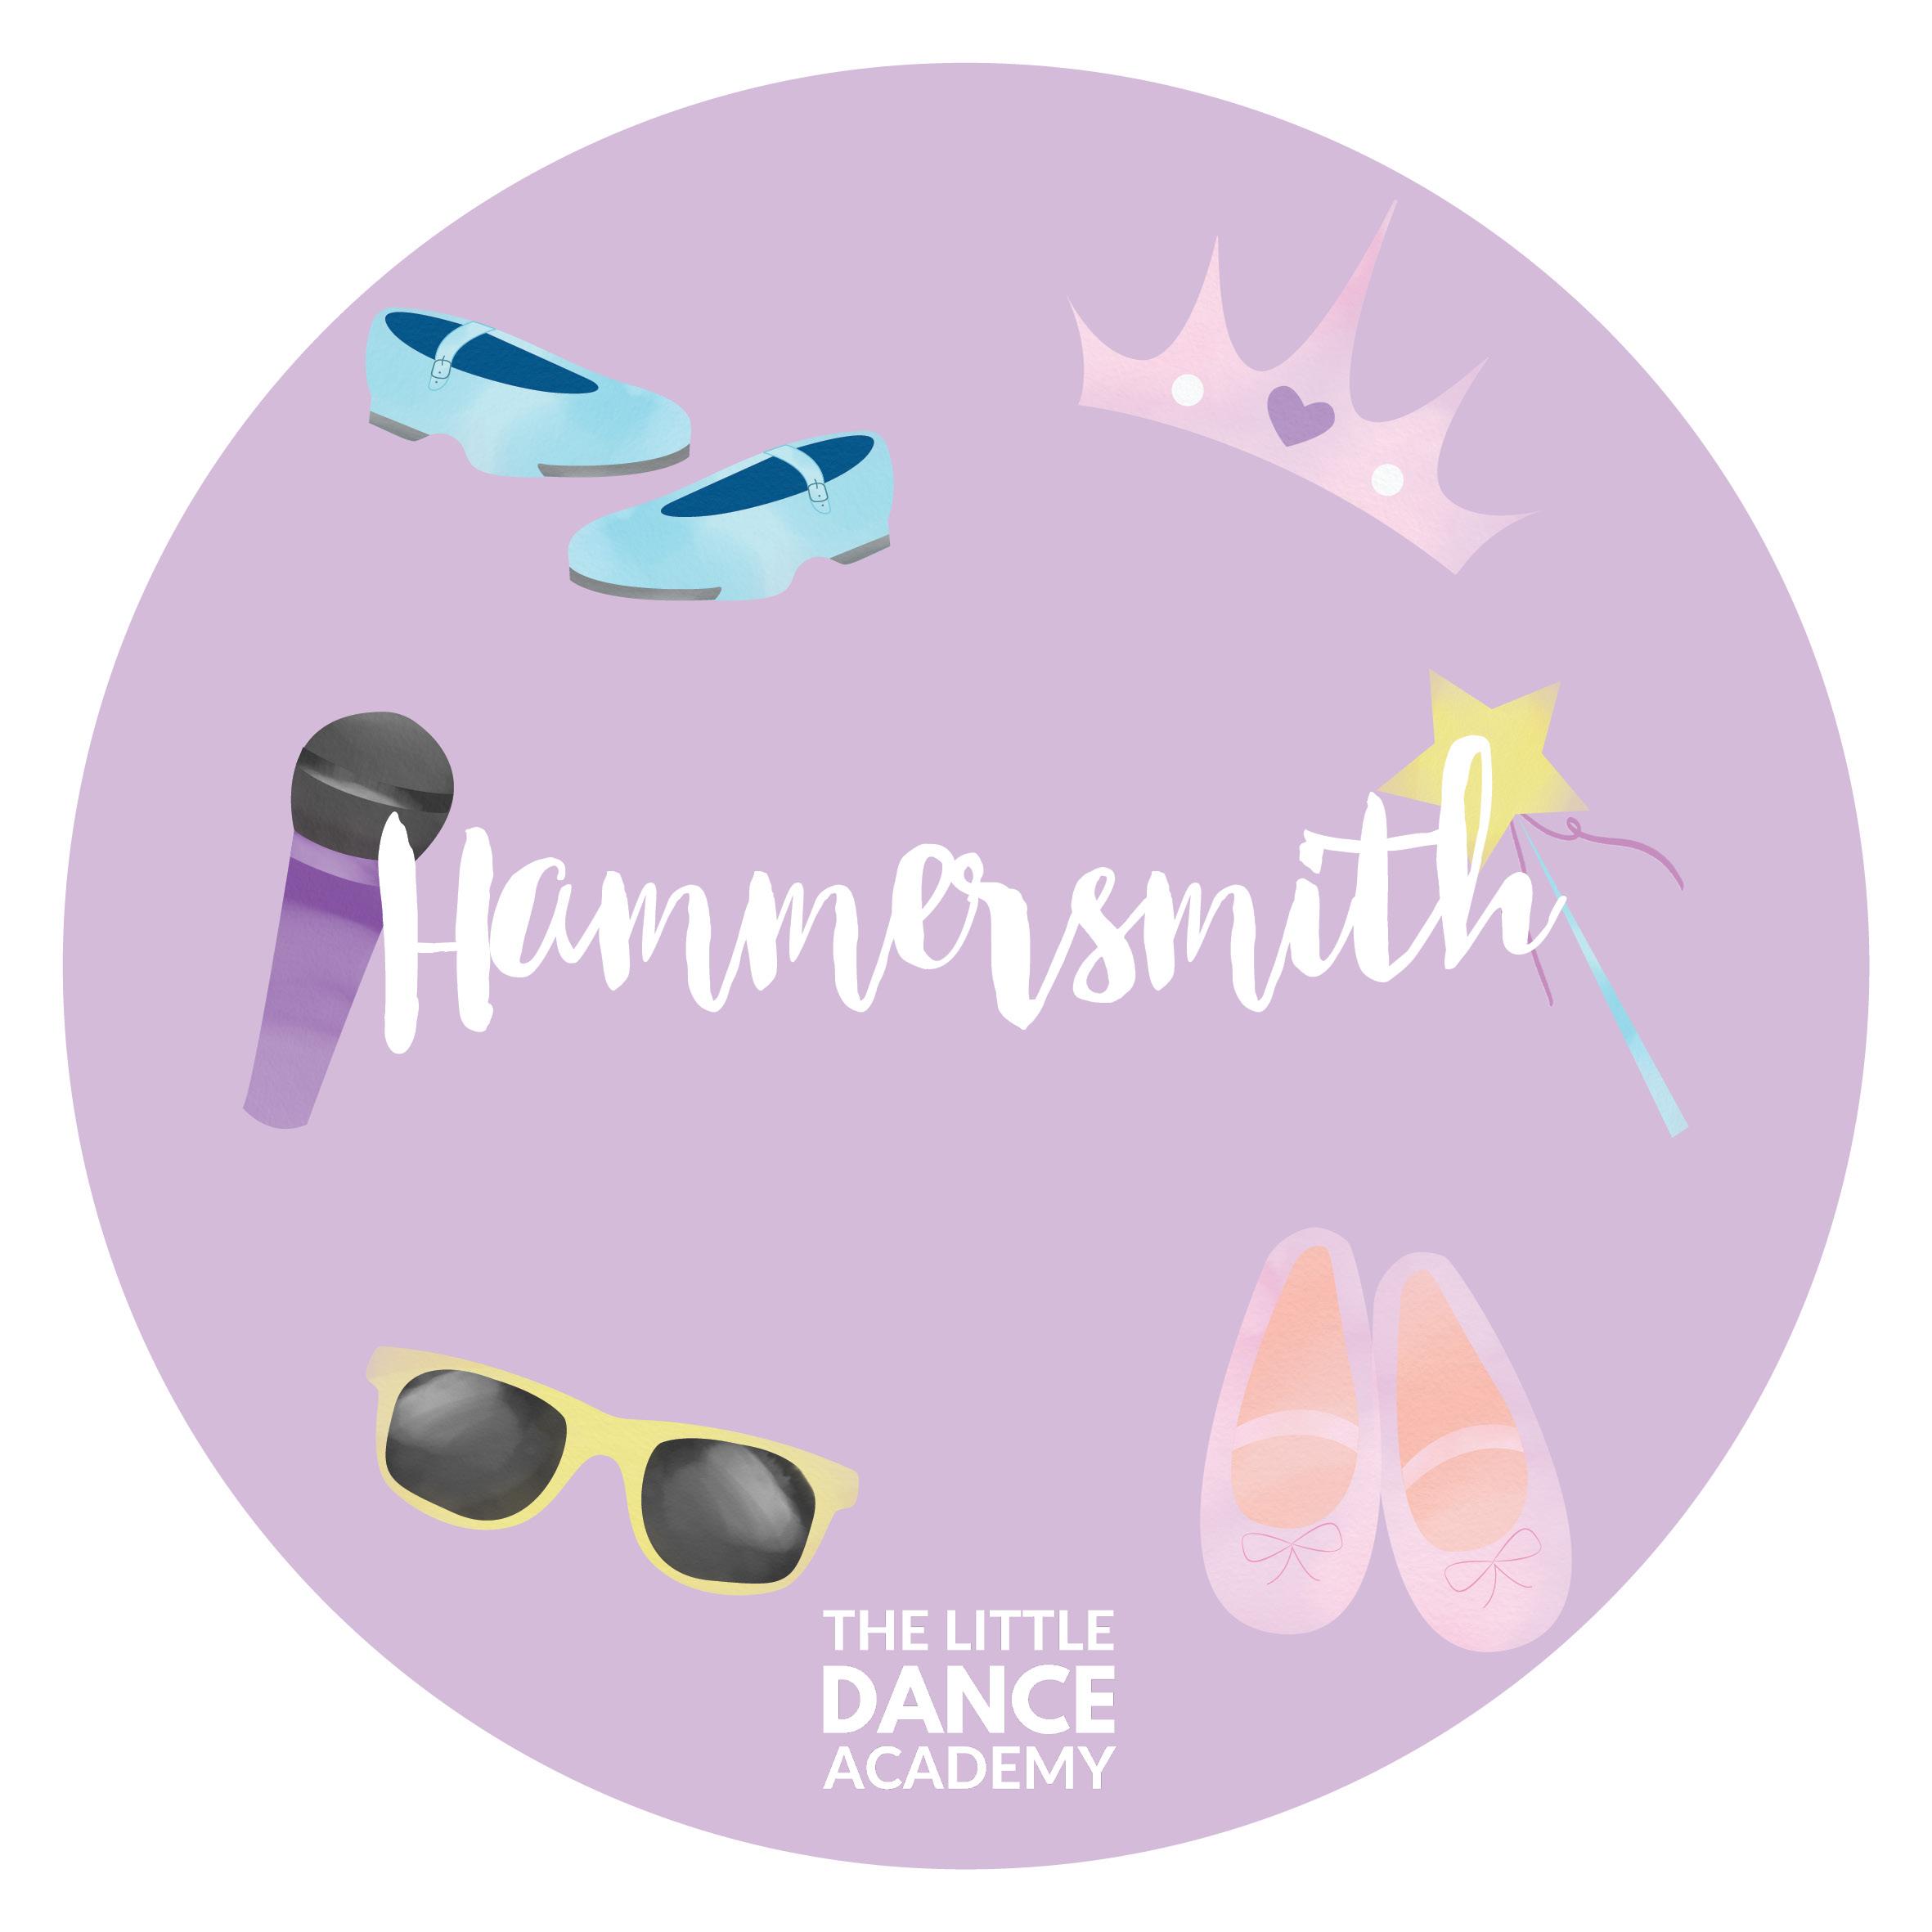 Hammersmith Childrens Dance School